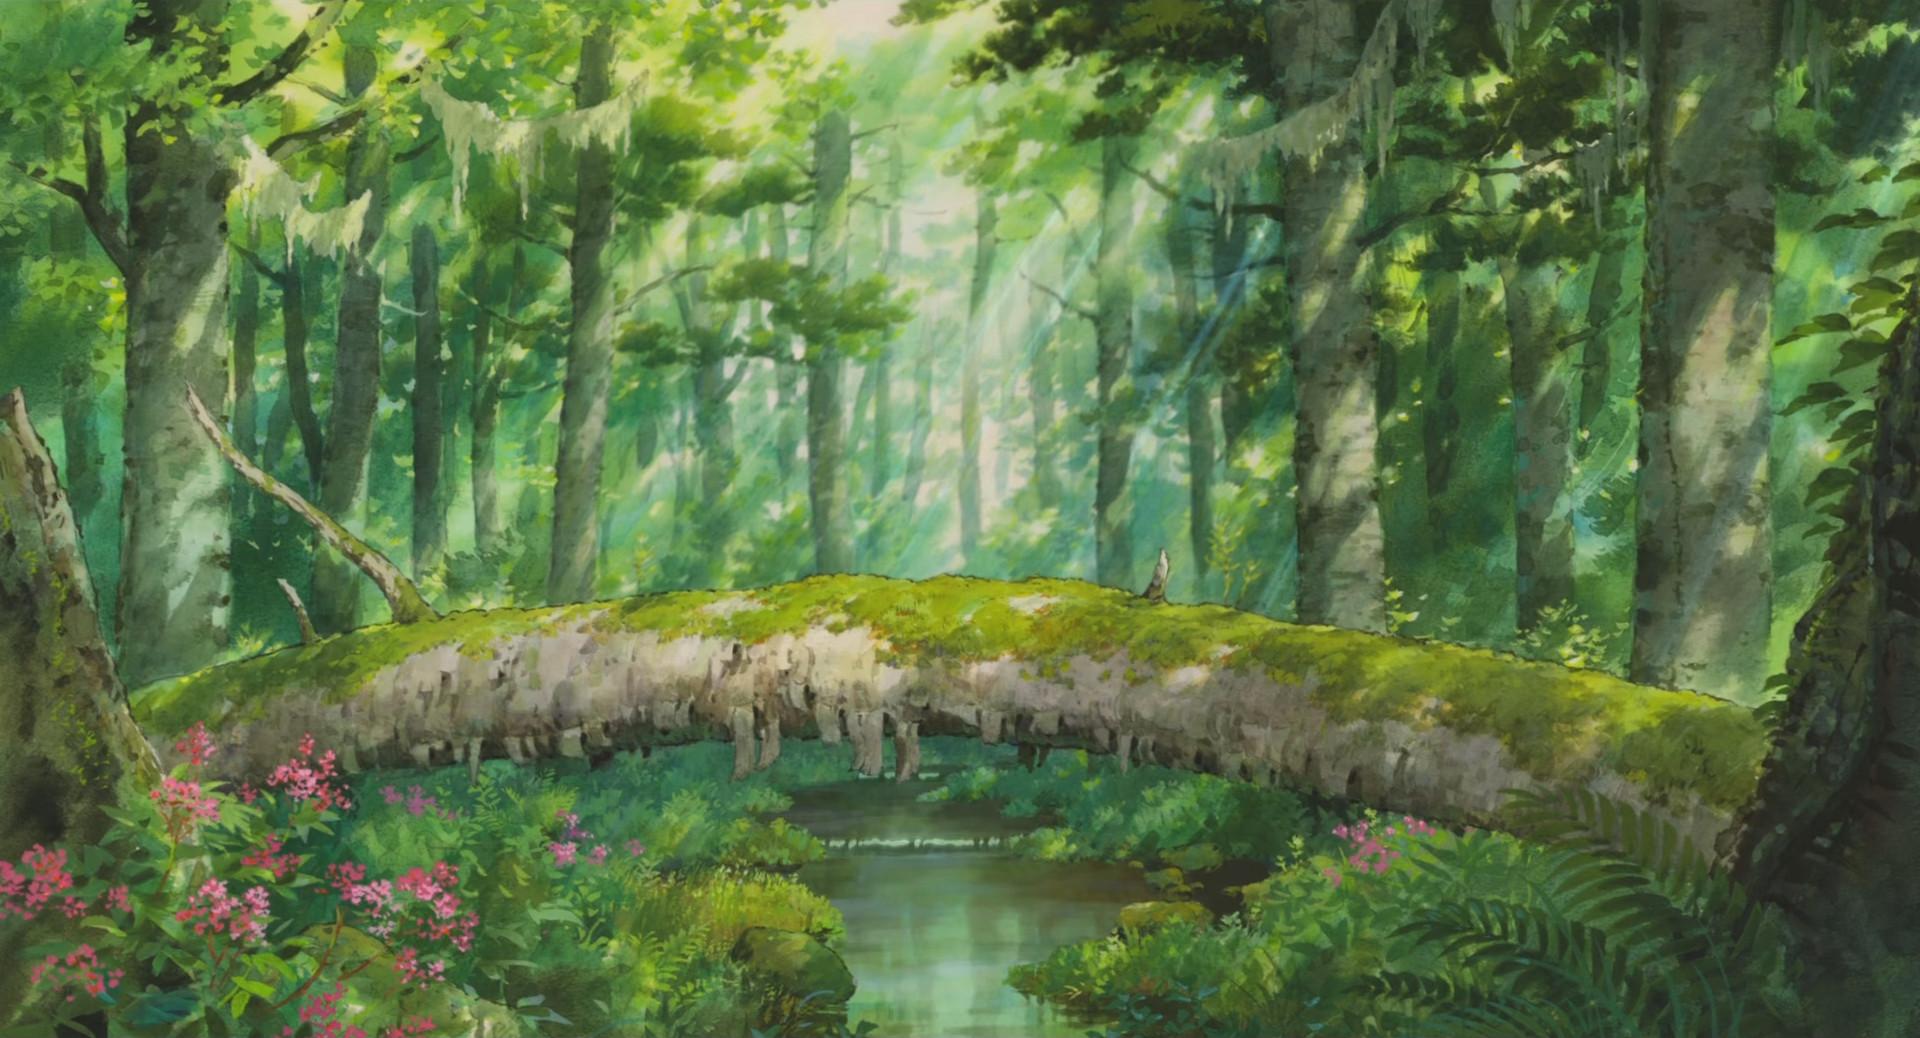 76 Ghibli Wallpapers On Wallpapersafari